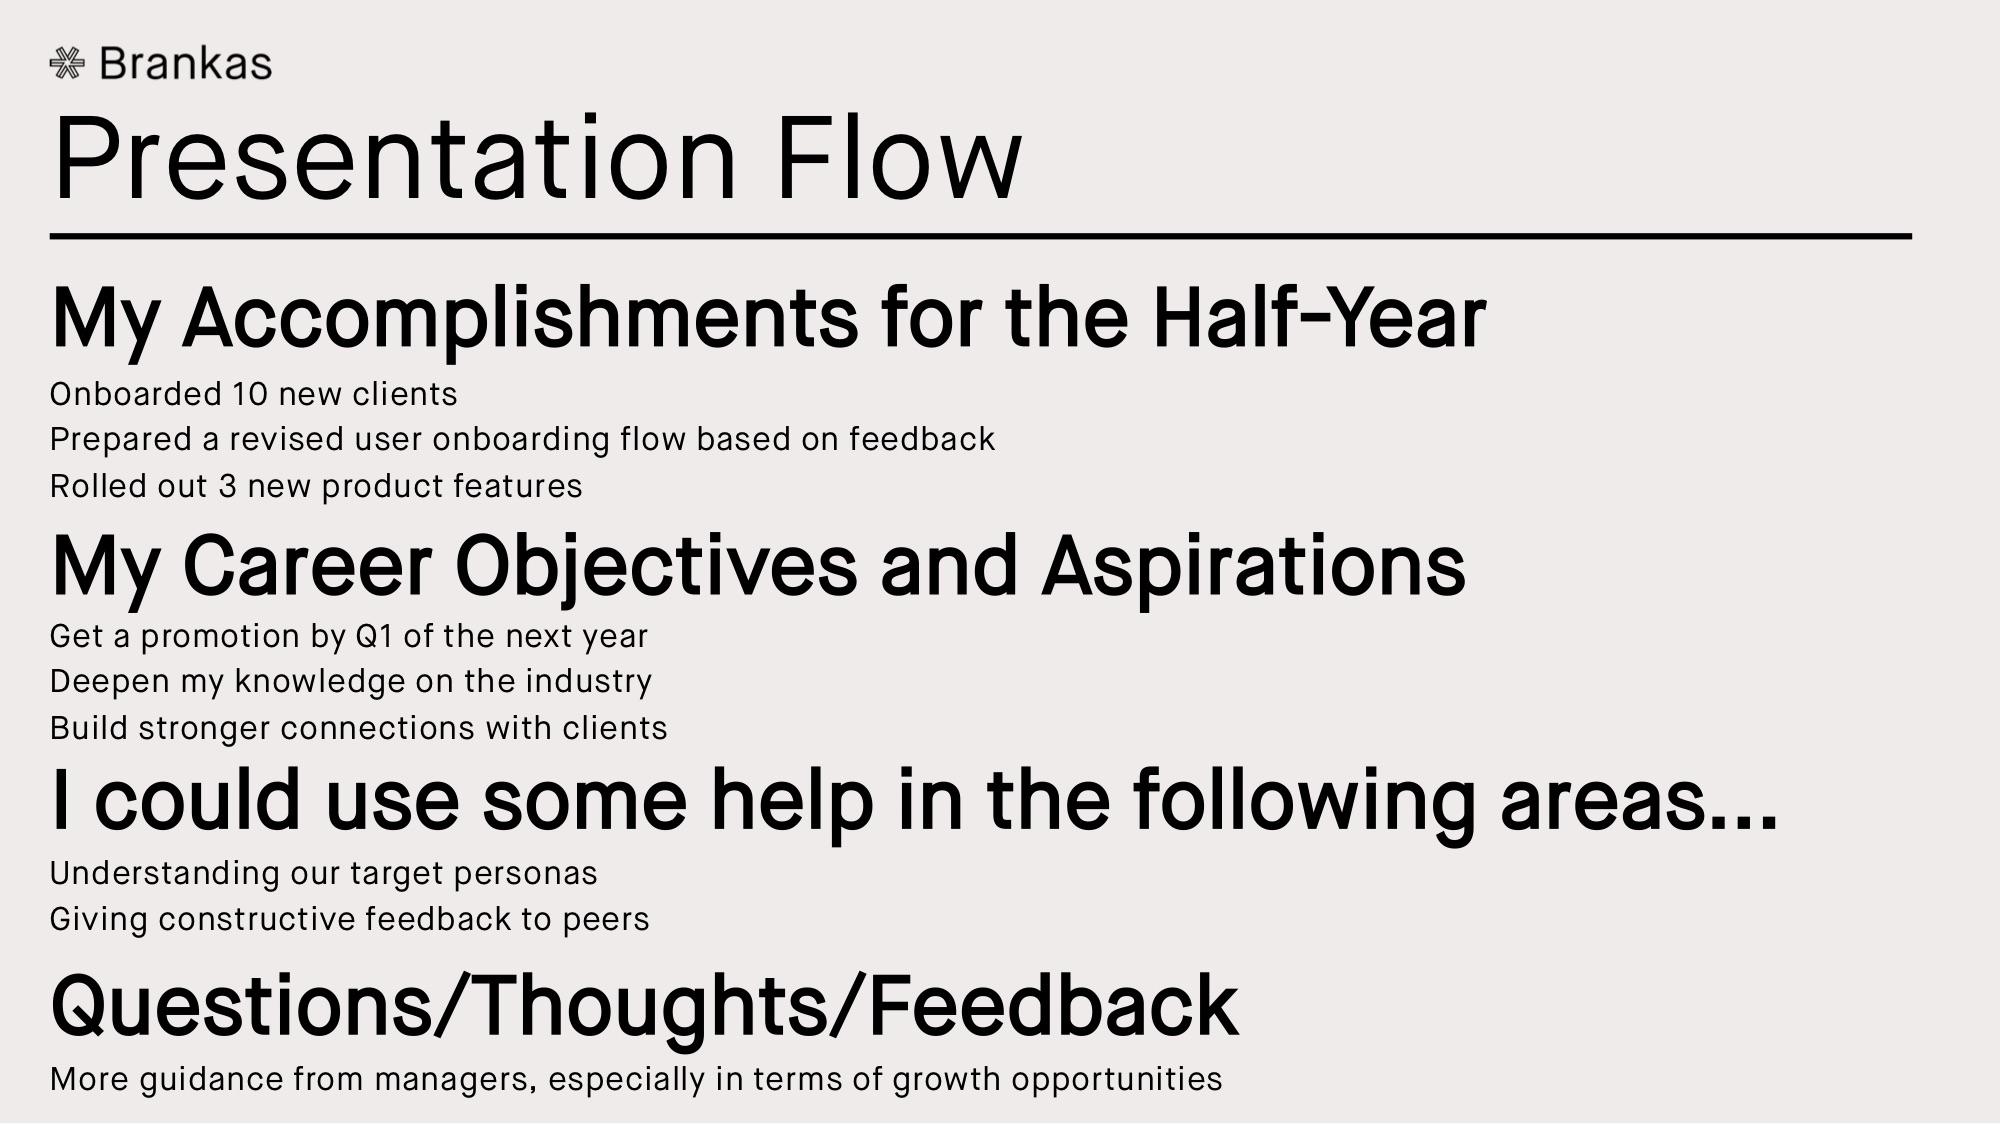 PR Flow